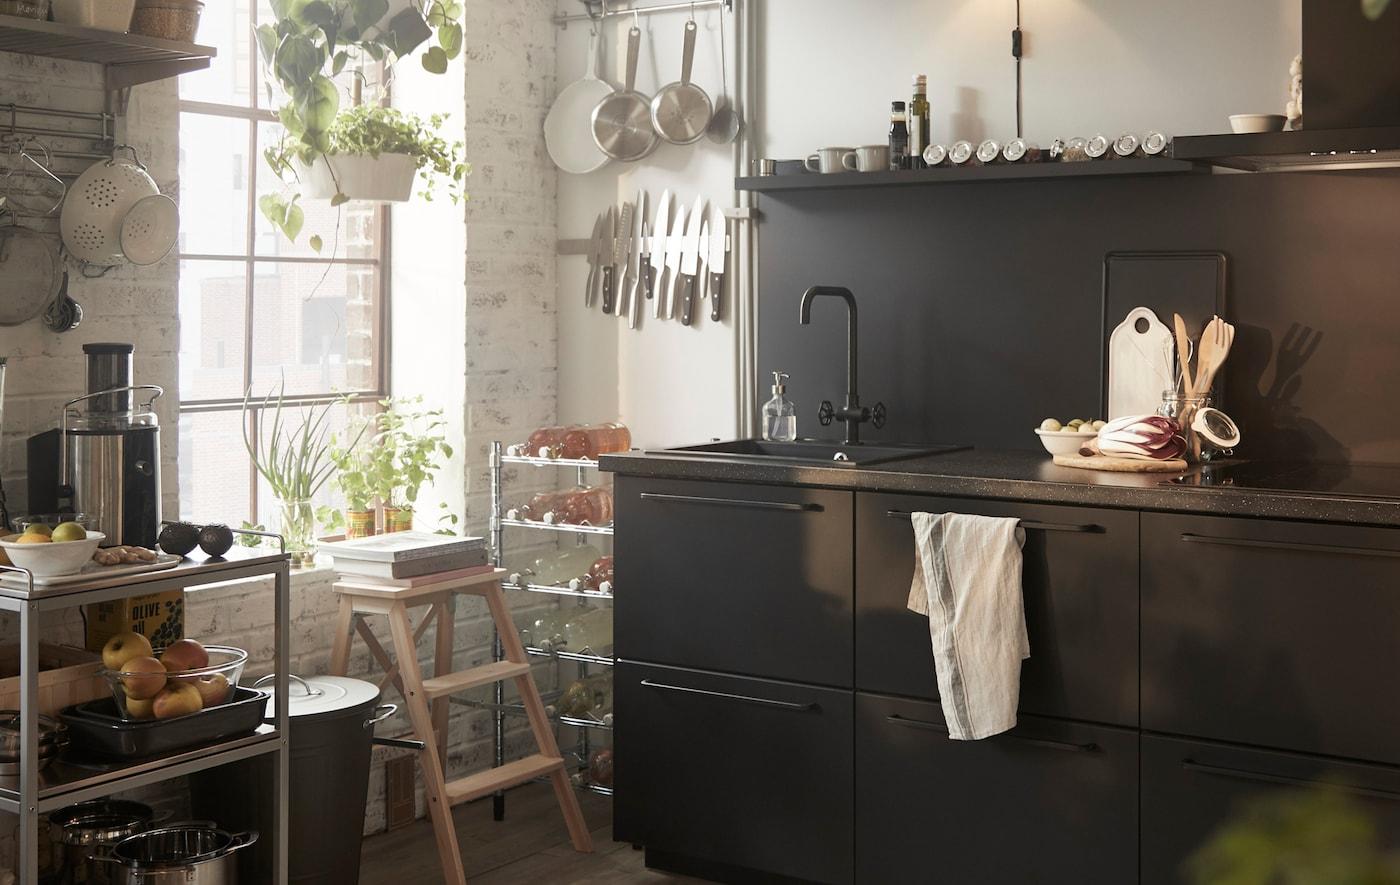 Armoires de cuisine noires avec un évier, une desserte métallique et des ustensiles accroché à des rails à côté d'une fenêtre.